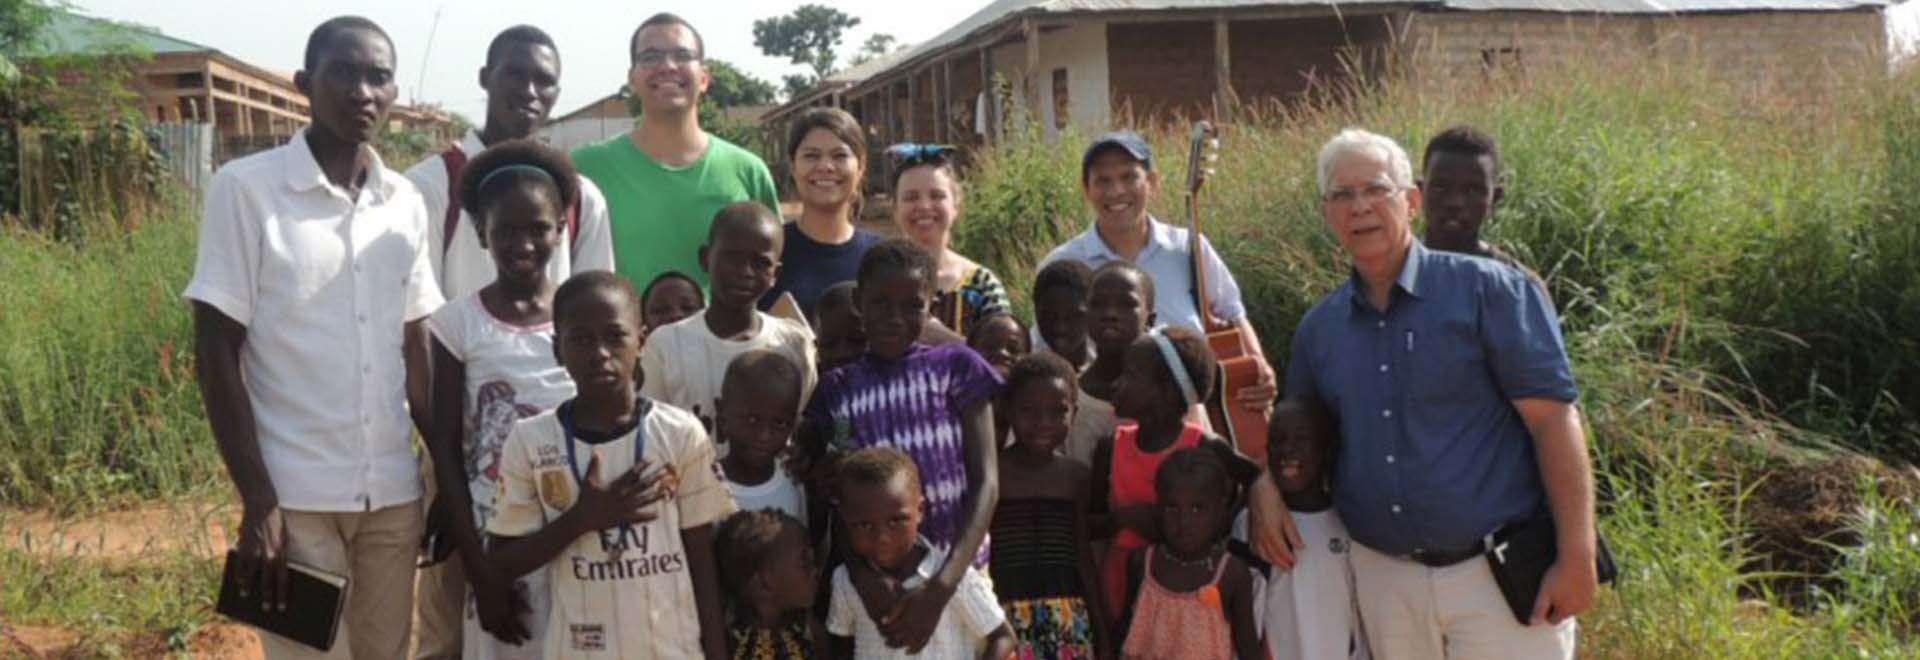 Trabalho de Assistência é realizado em Guiné-Bissau, África